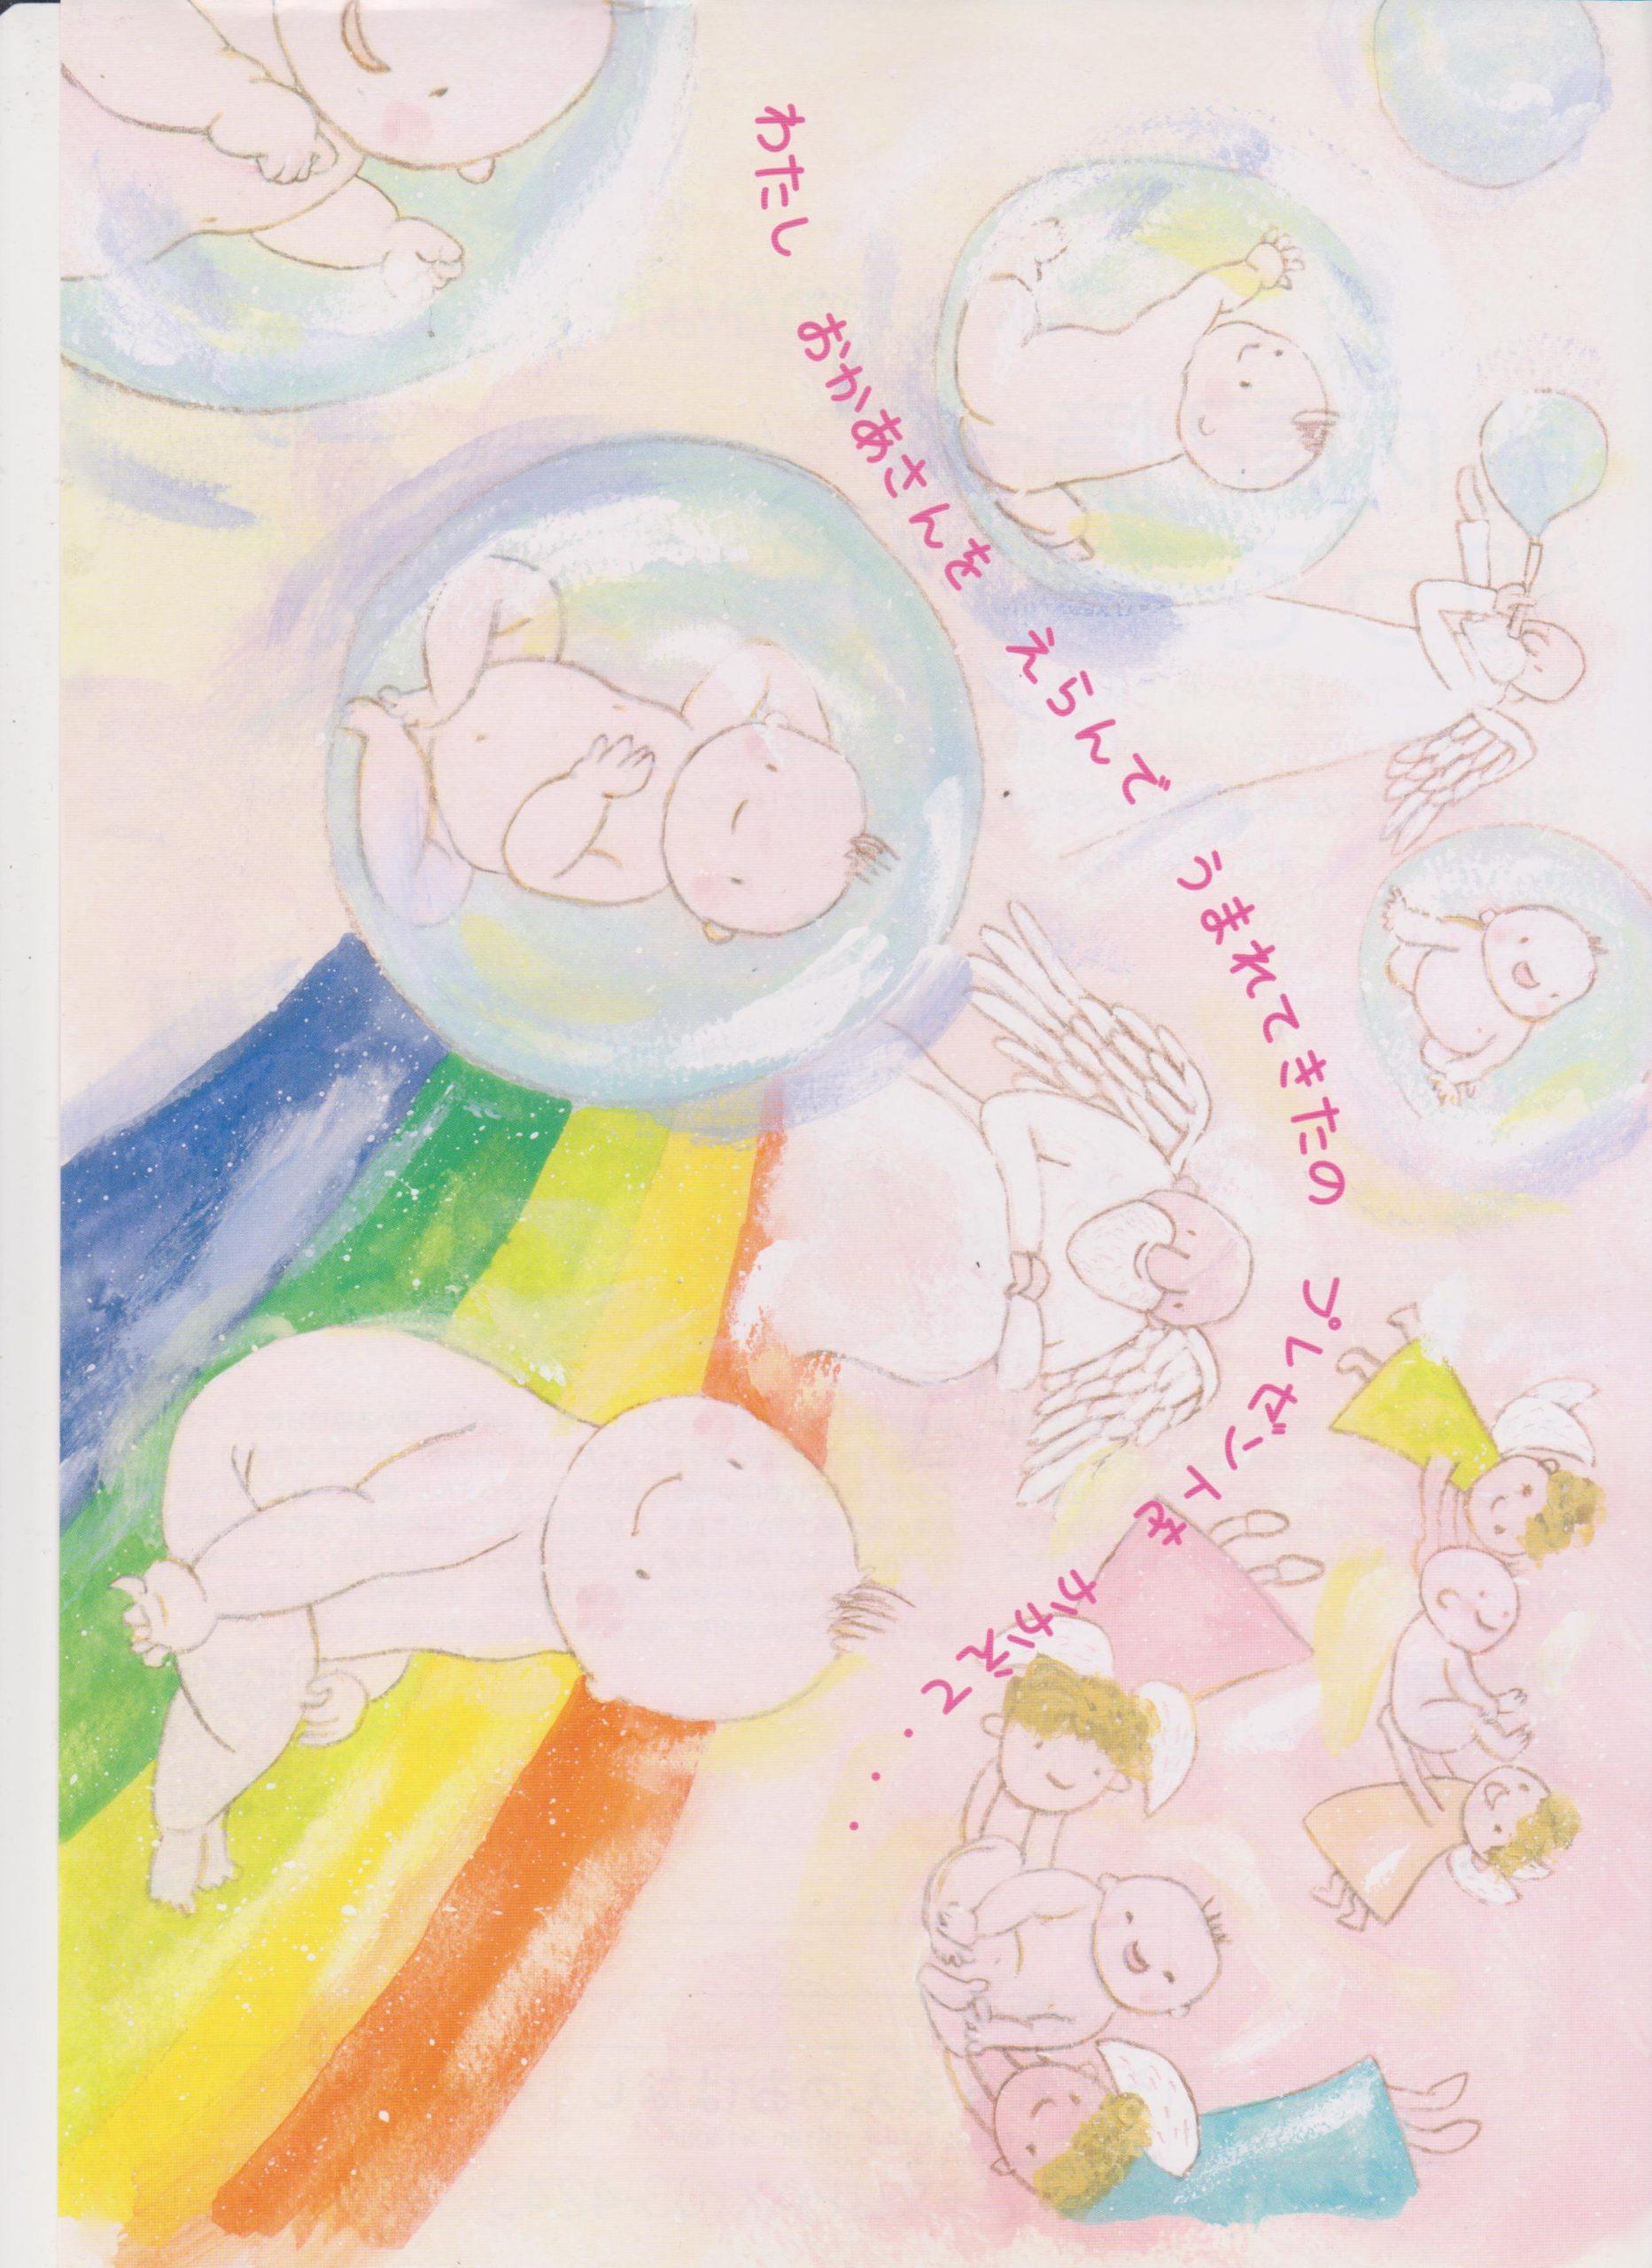 001 scaled - 2020年1月11日胎内記憶教育協会講師養成講座の第6期、第1第2講座開催